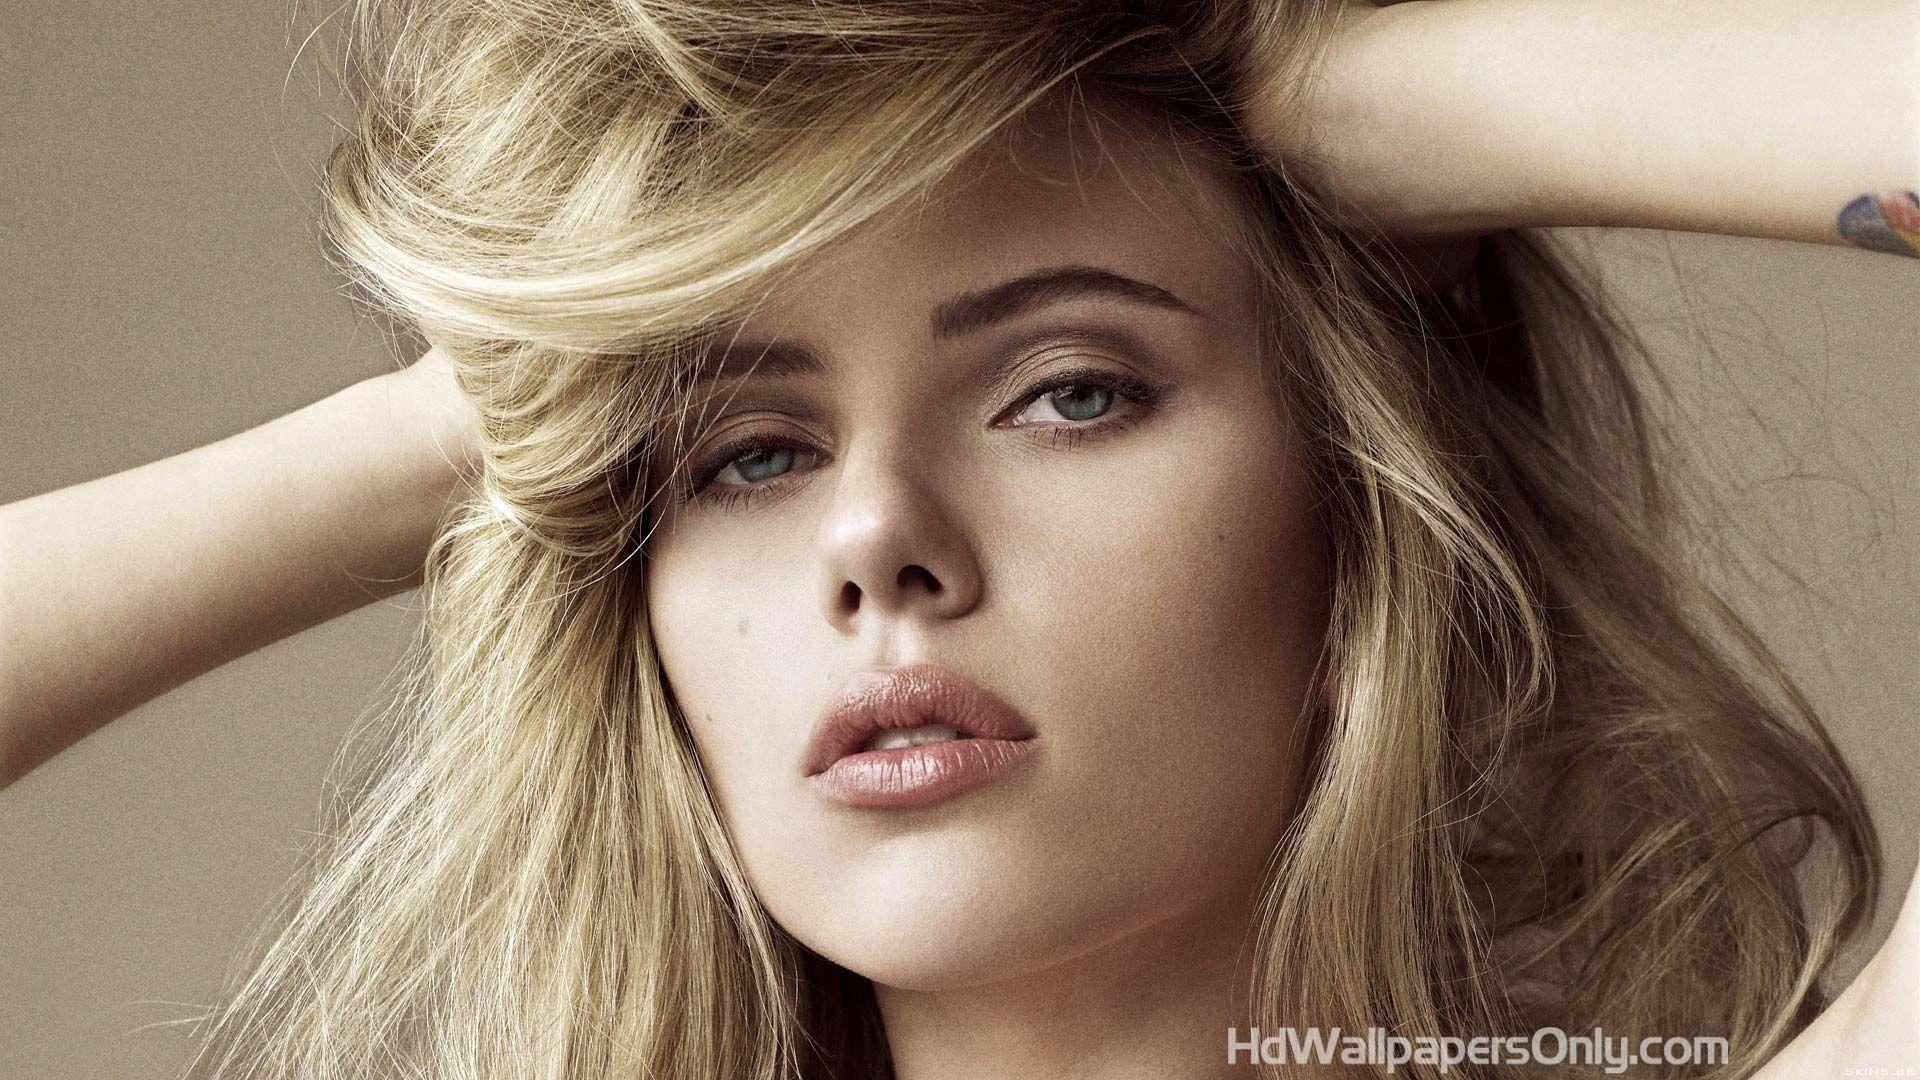 Scarlett Johansson In Hot White Dress 4K Ultra HD Mobile